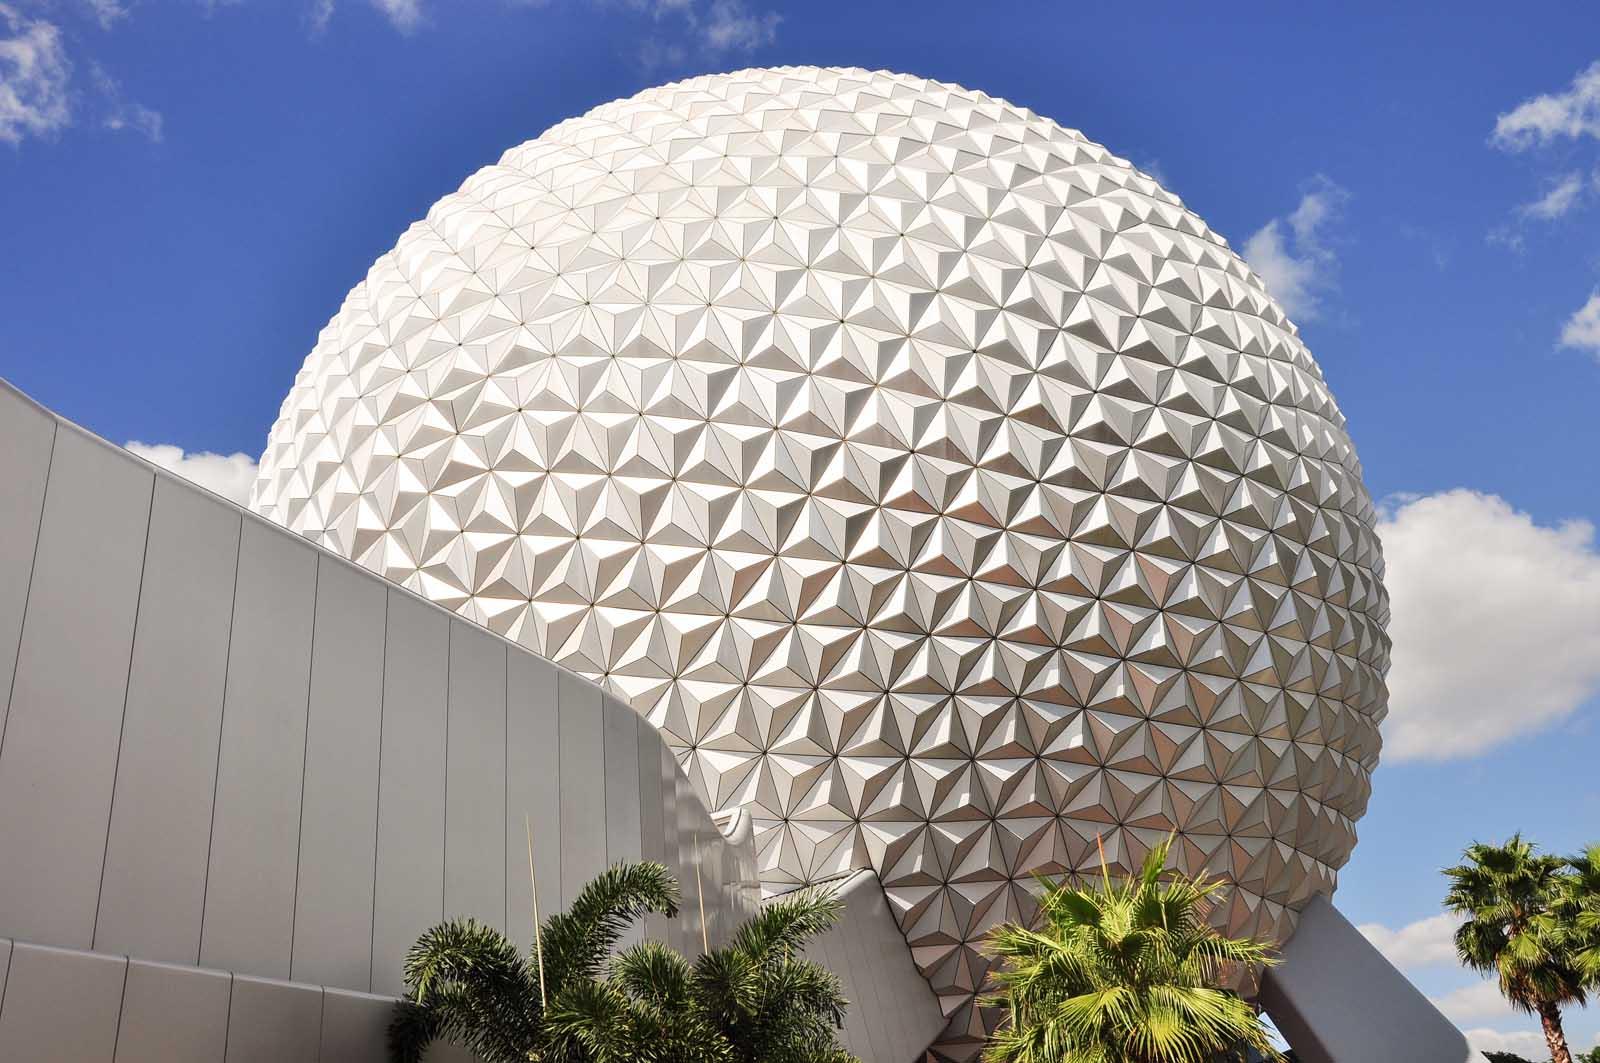 Epcot Center in Orlando Florida